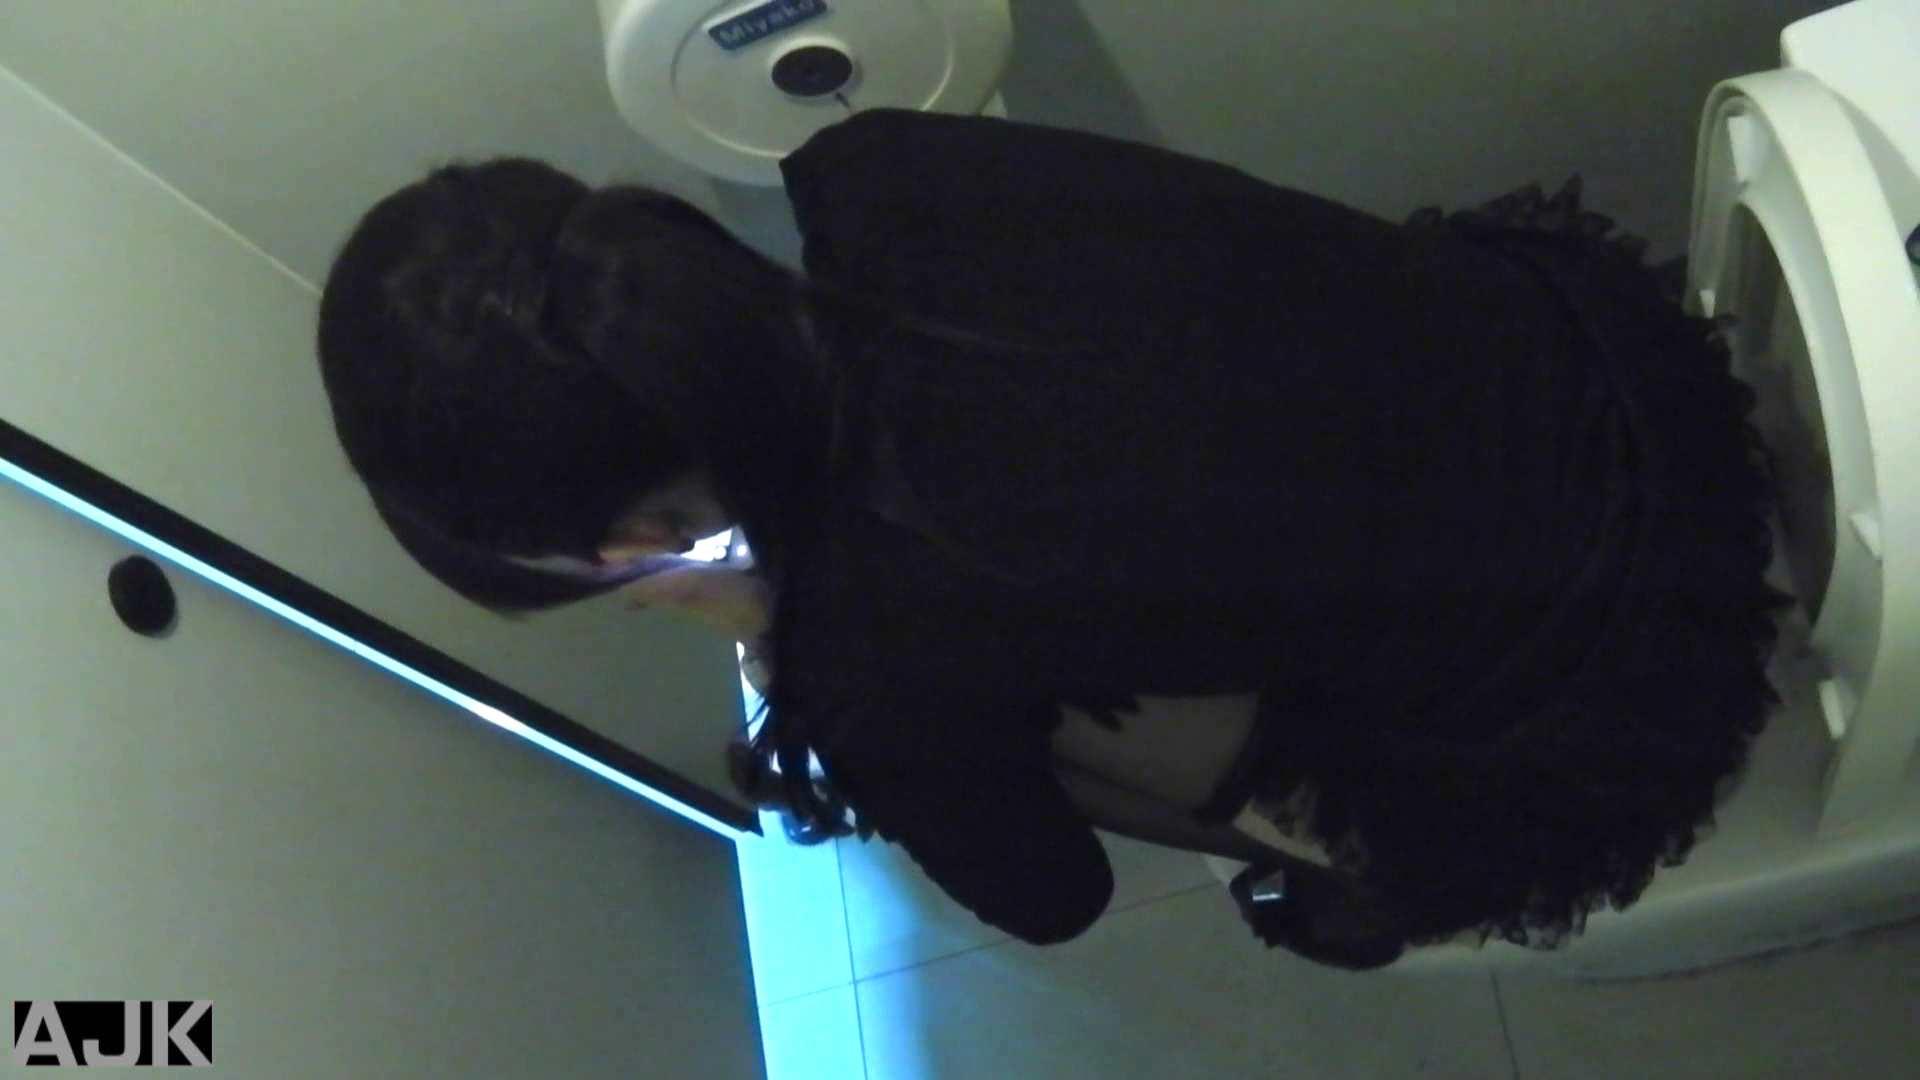 隣国上階級エリアの令嬢たちが集うデパートお手洗い Vol.23 OLの実態 | お手洗い  92pic 9